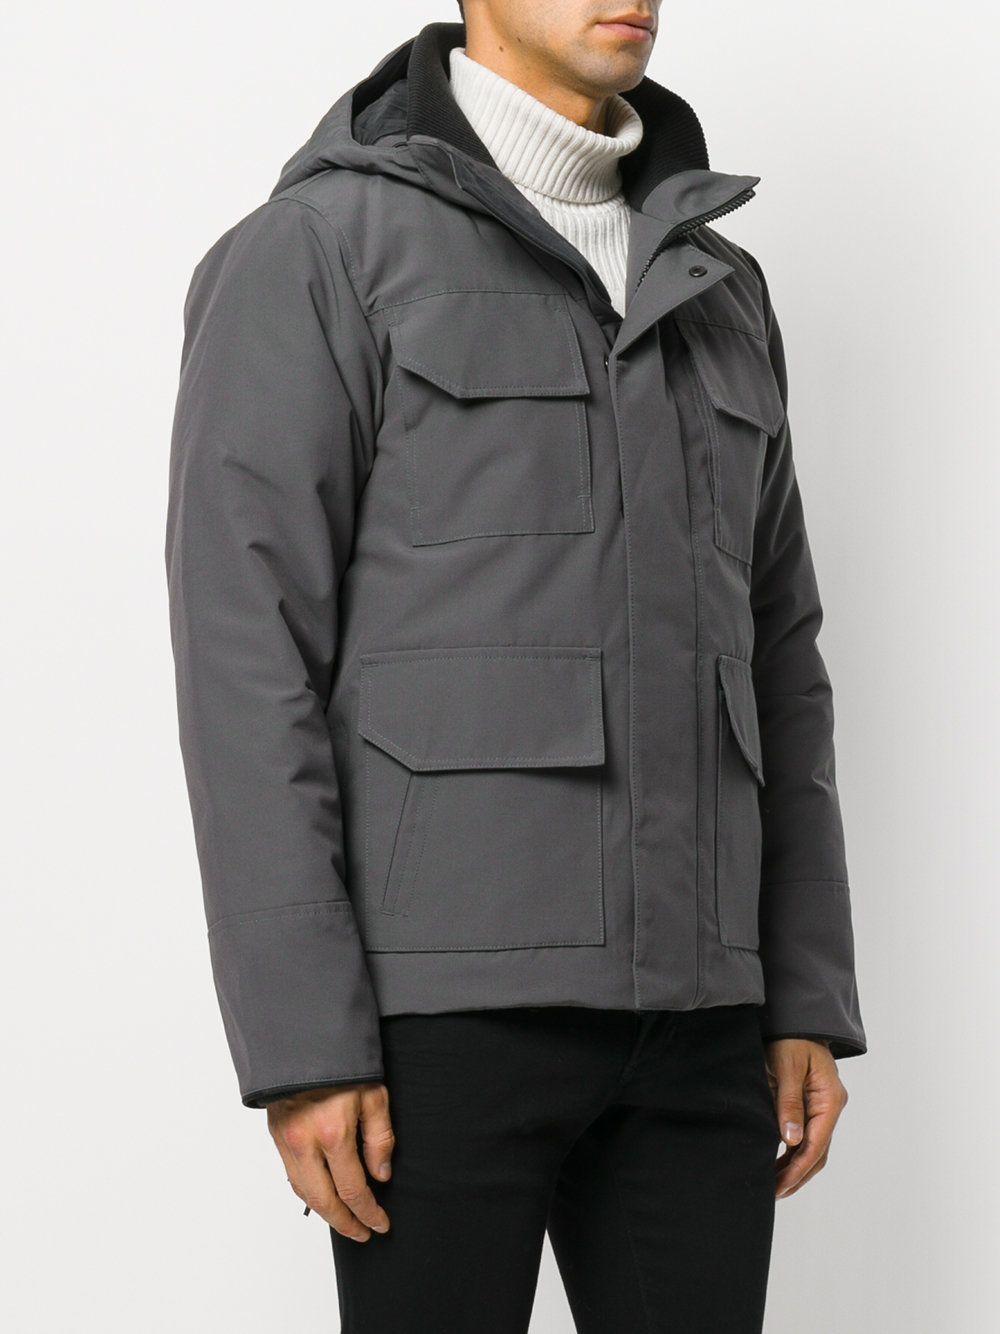 2fea77c1e464 Canada Goose Maitland jacket